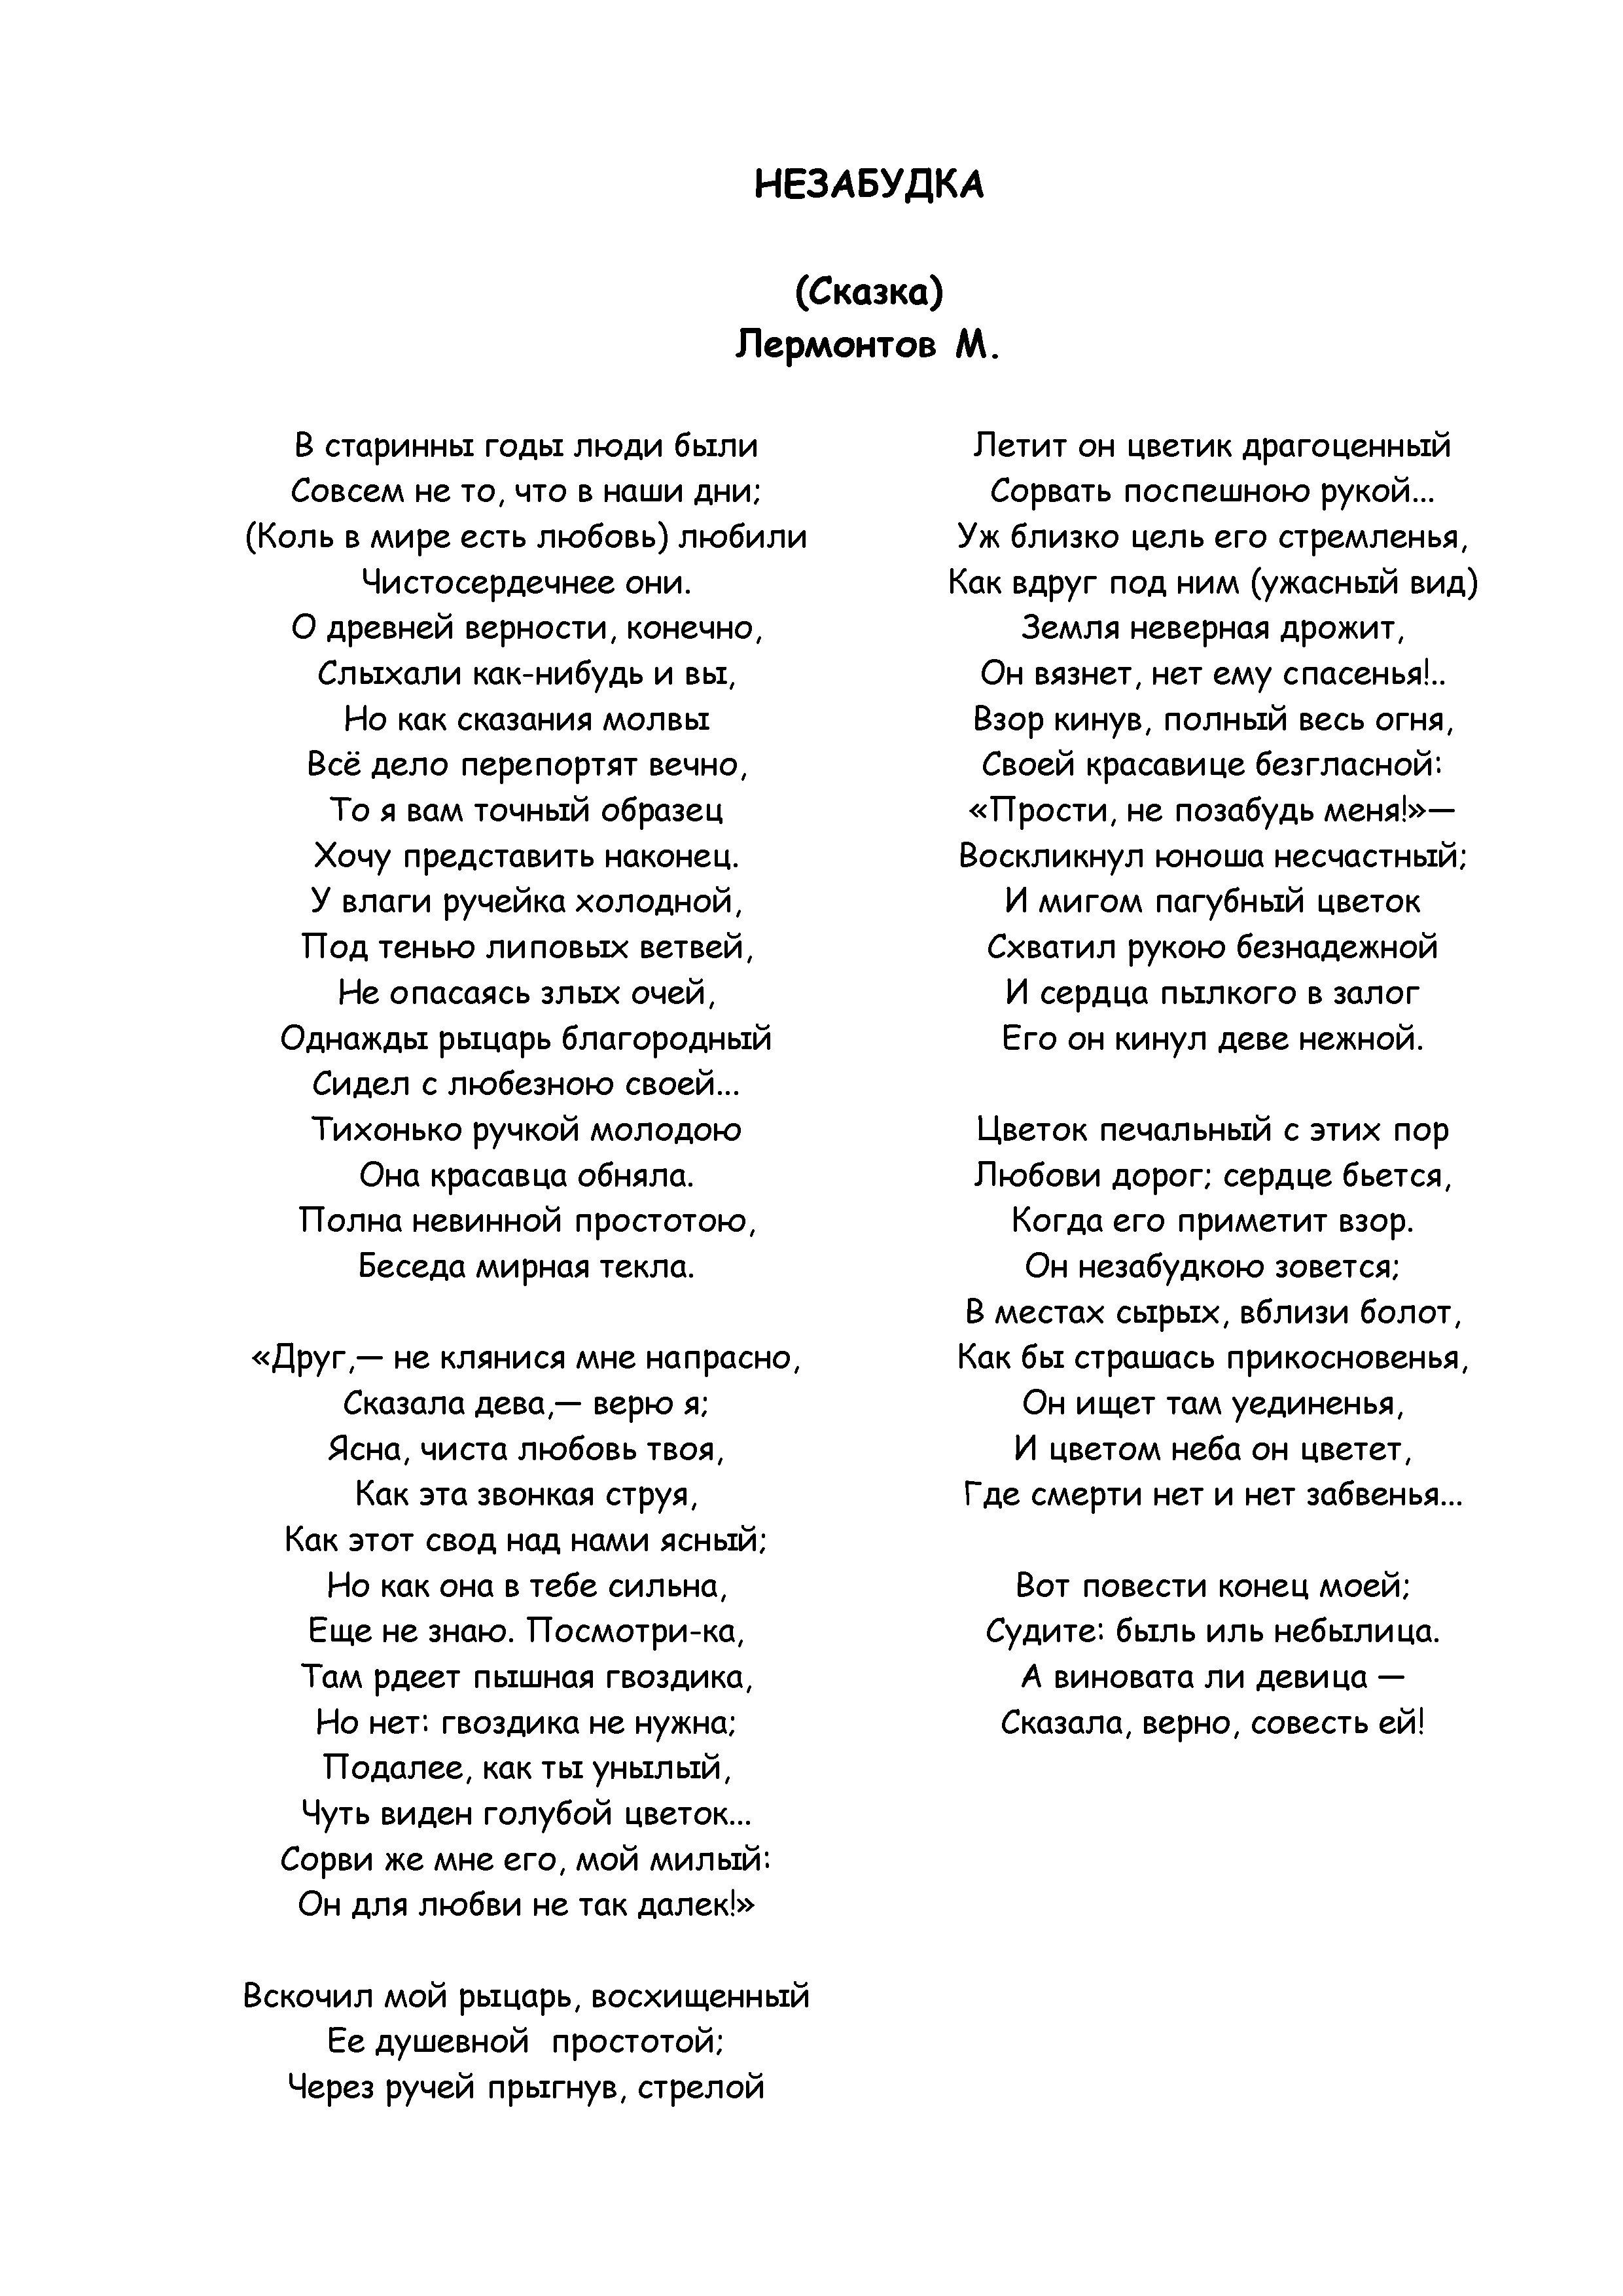 Стихи о цветах в стихах поэтов-классиков